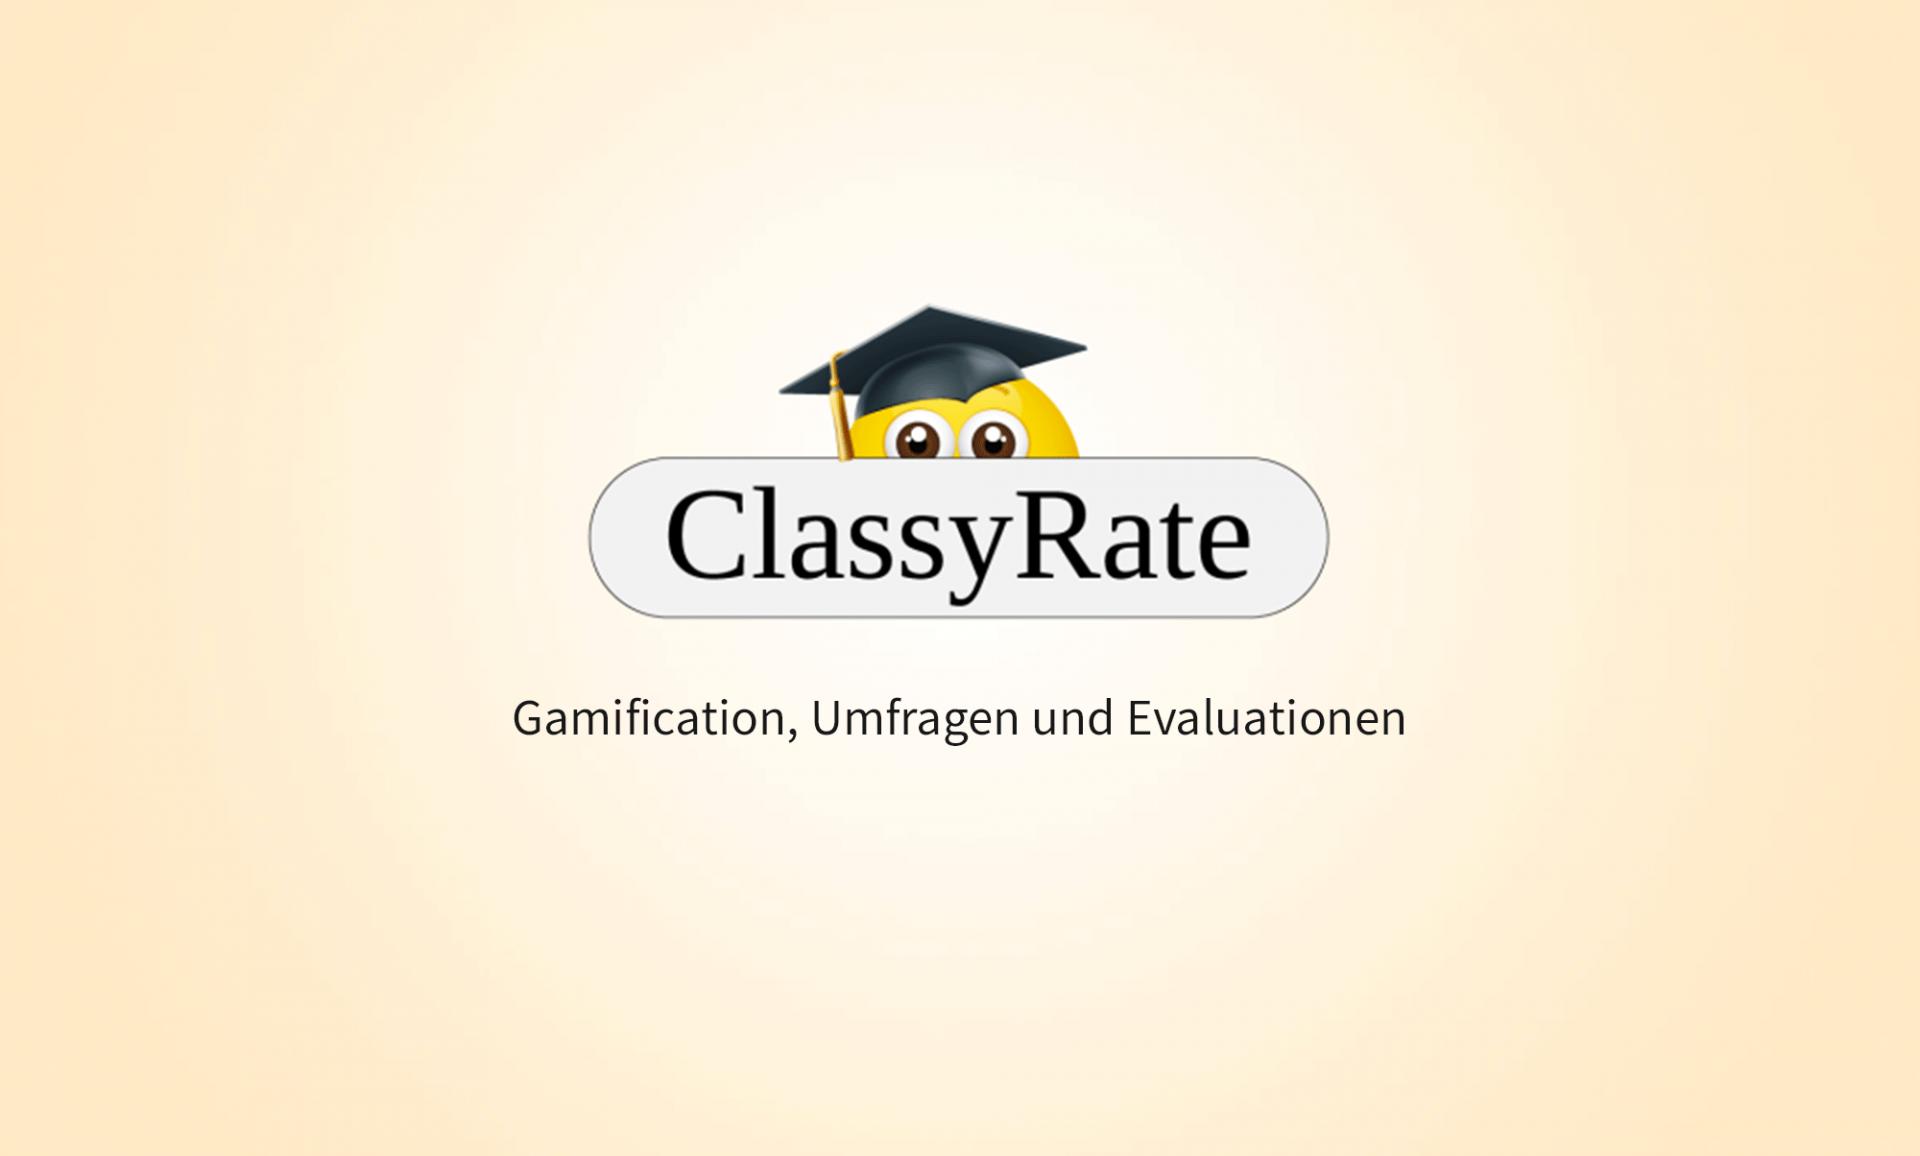 Classyrate